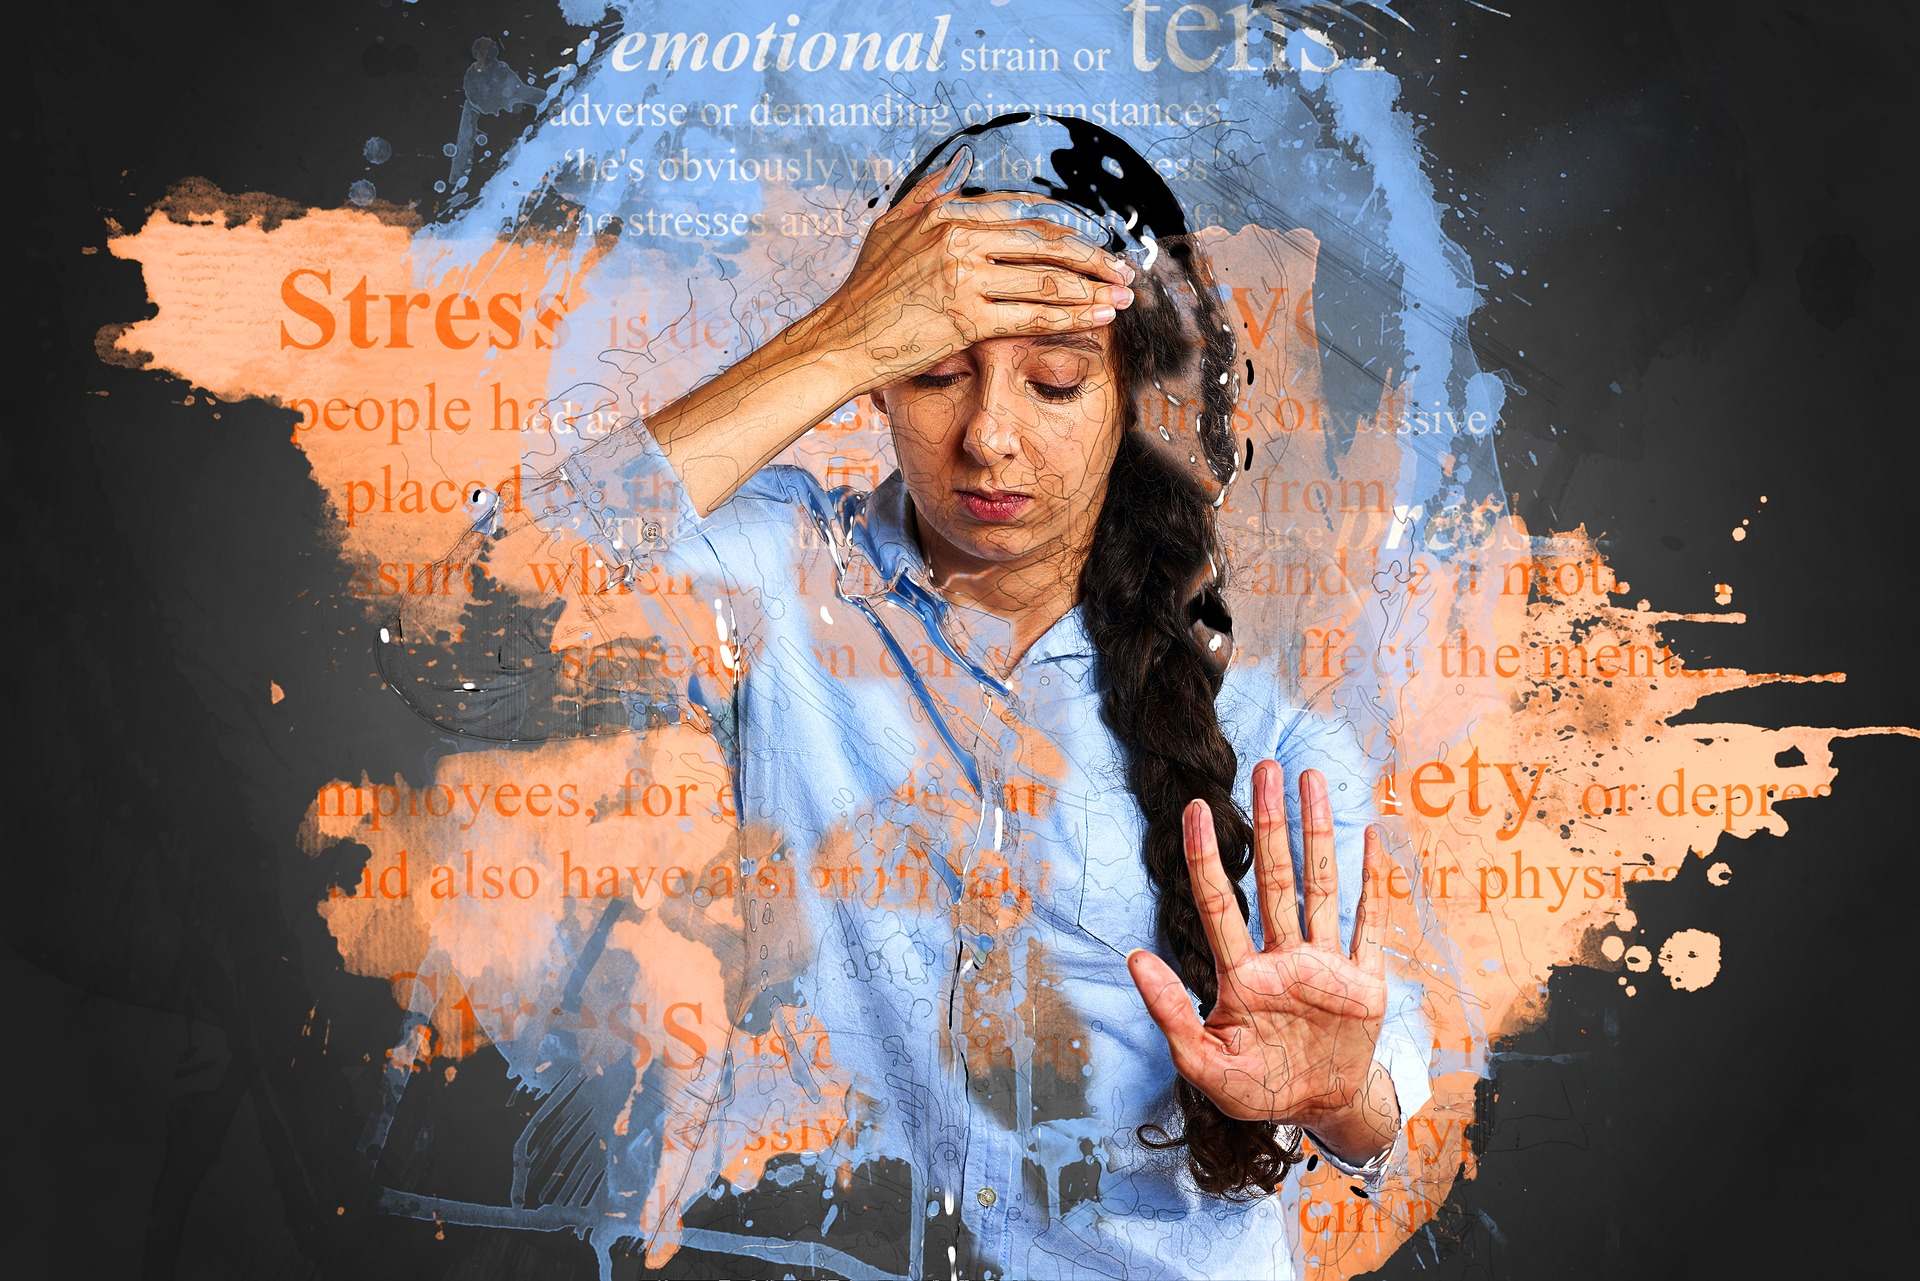 リウマチを治す障害となるストレス